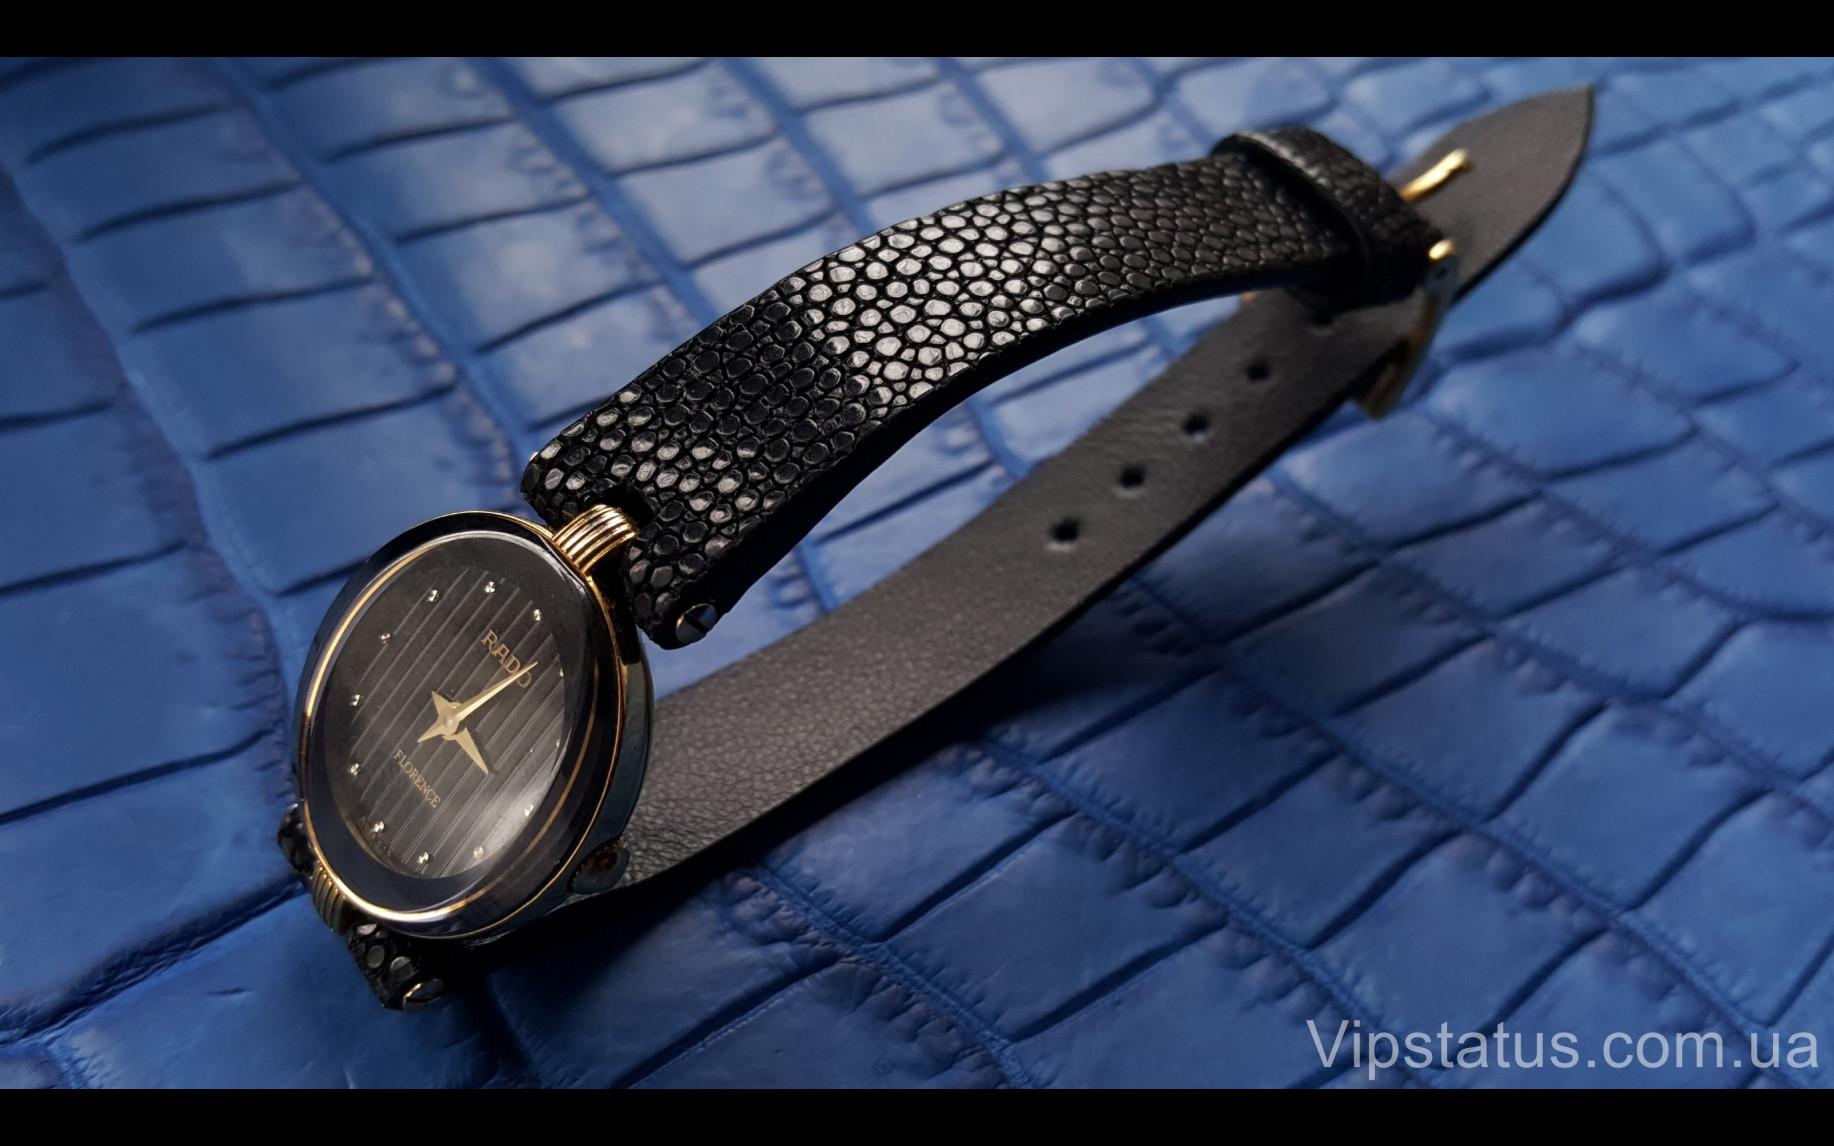 Элитный Вип ремешок для часов Rado кожа ската Эксклюзивный ремешок для часов Rado из кожи ската  изображение 1